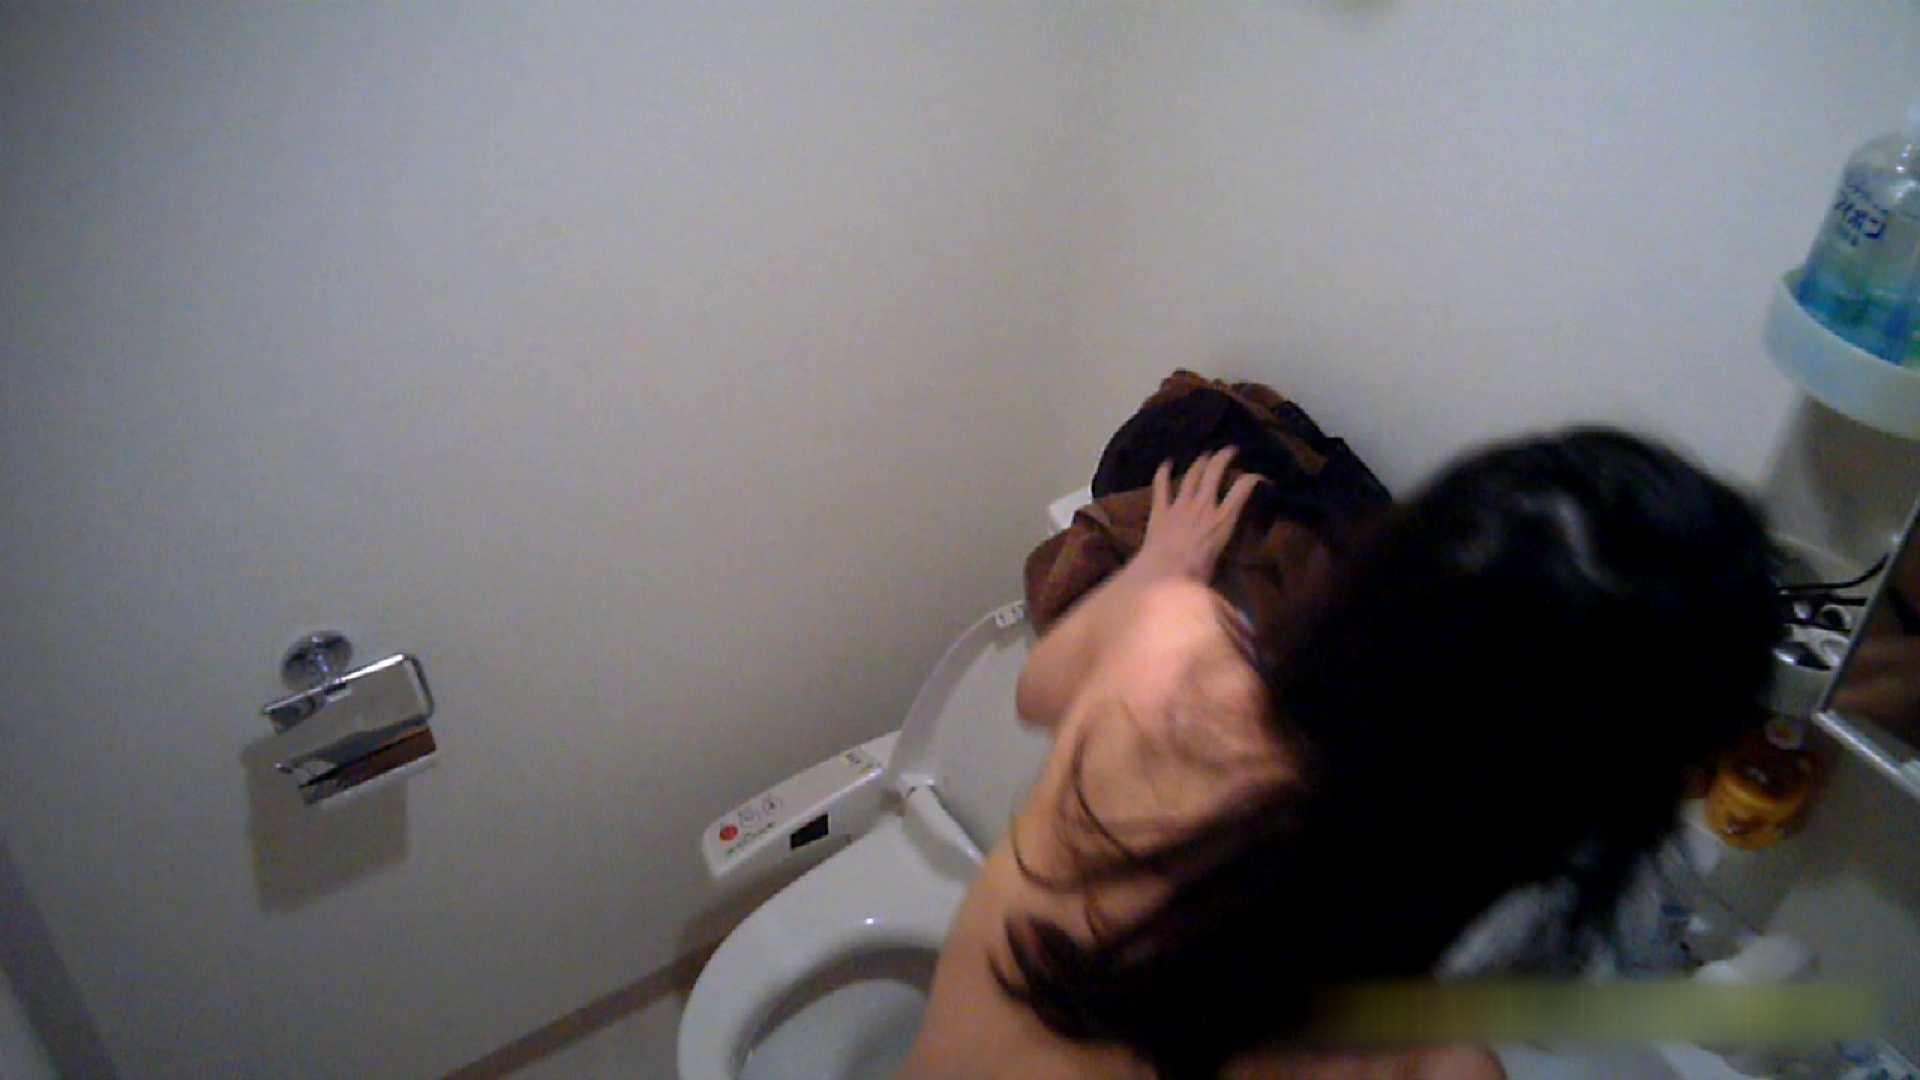 清楚な顔してかなり敏感なE子25歳(仮名)Vol.05 裸でトイレ編 トイレ | OLの実態  60pic 39